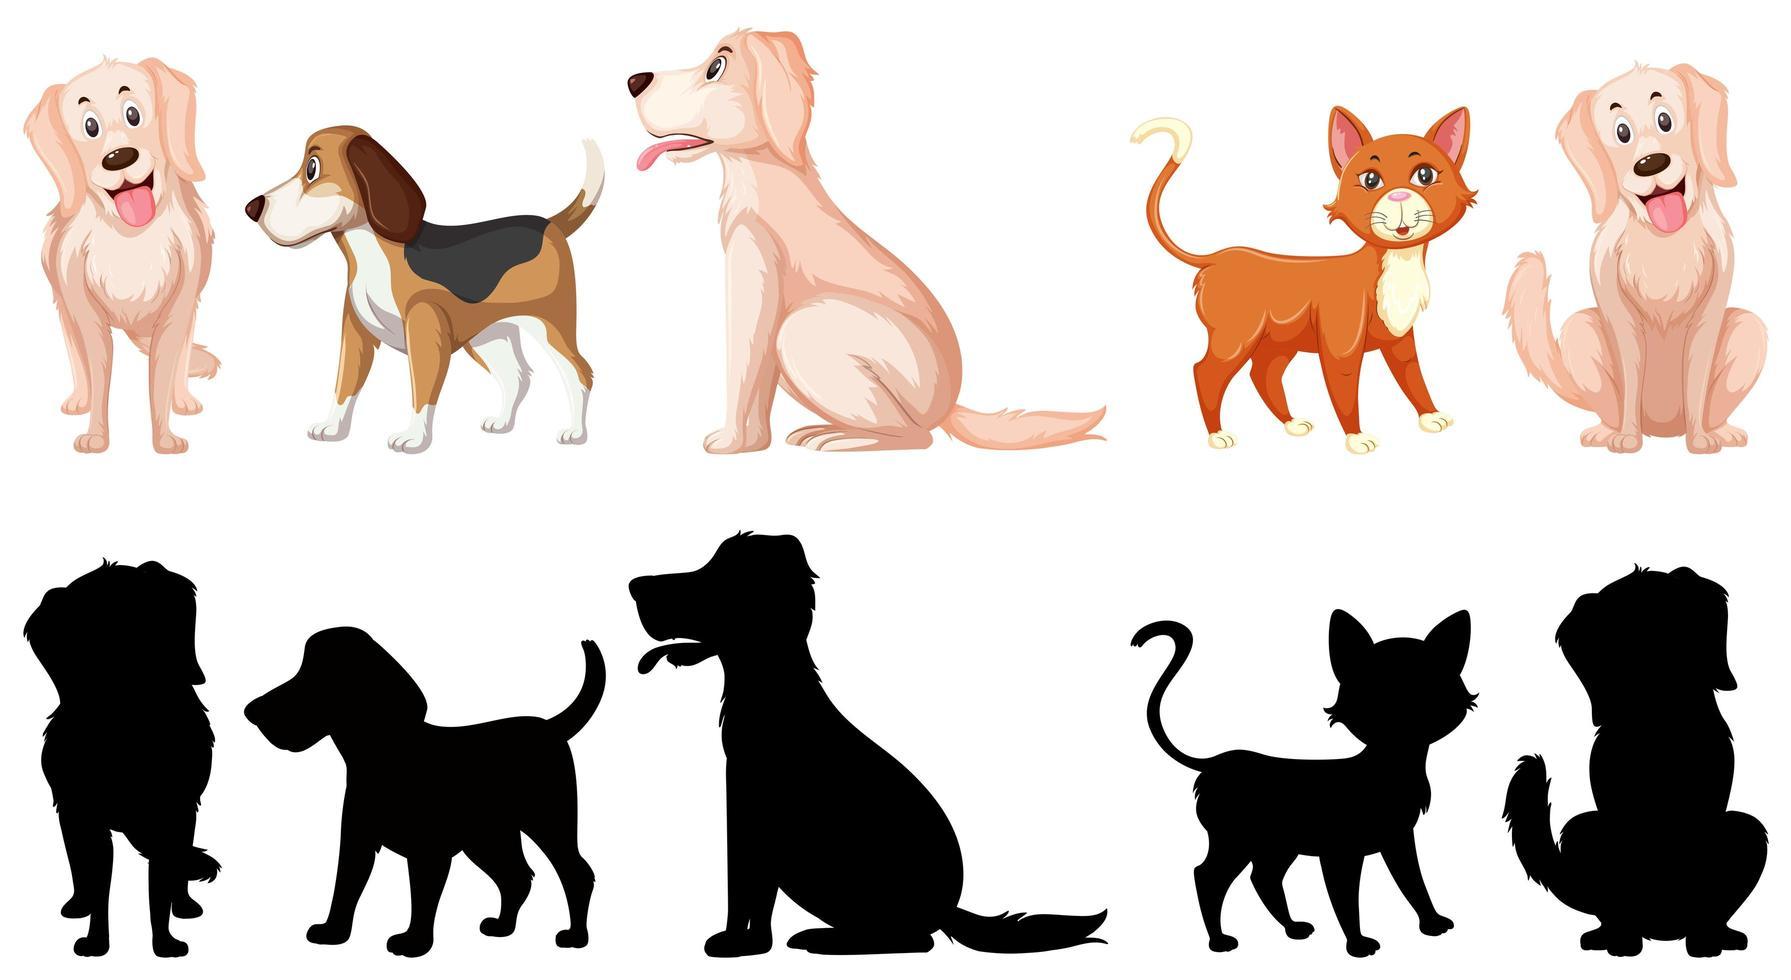 Uppsättning av djur karaktärer vektor